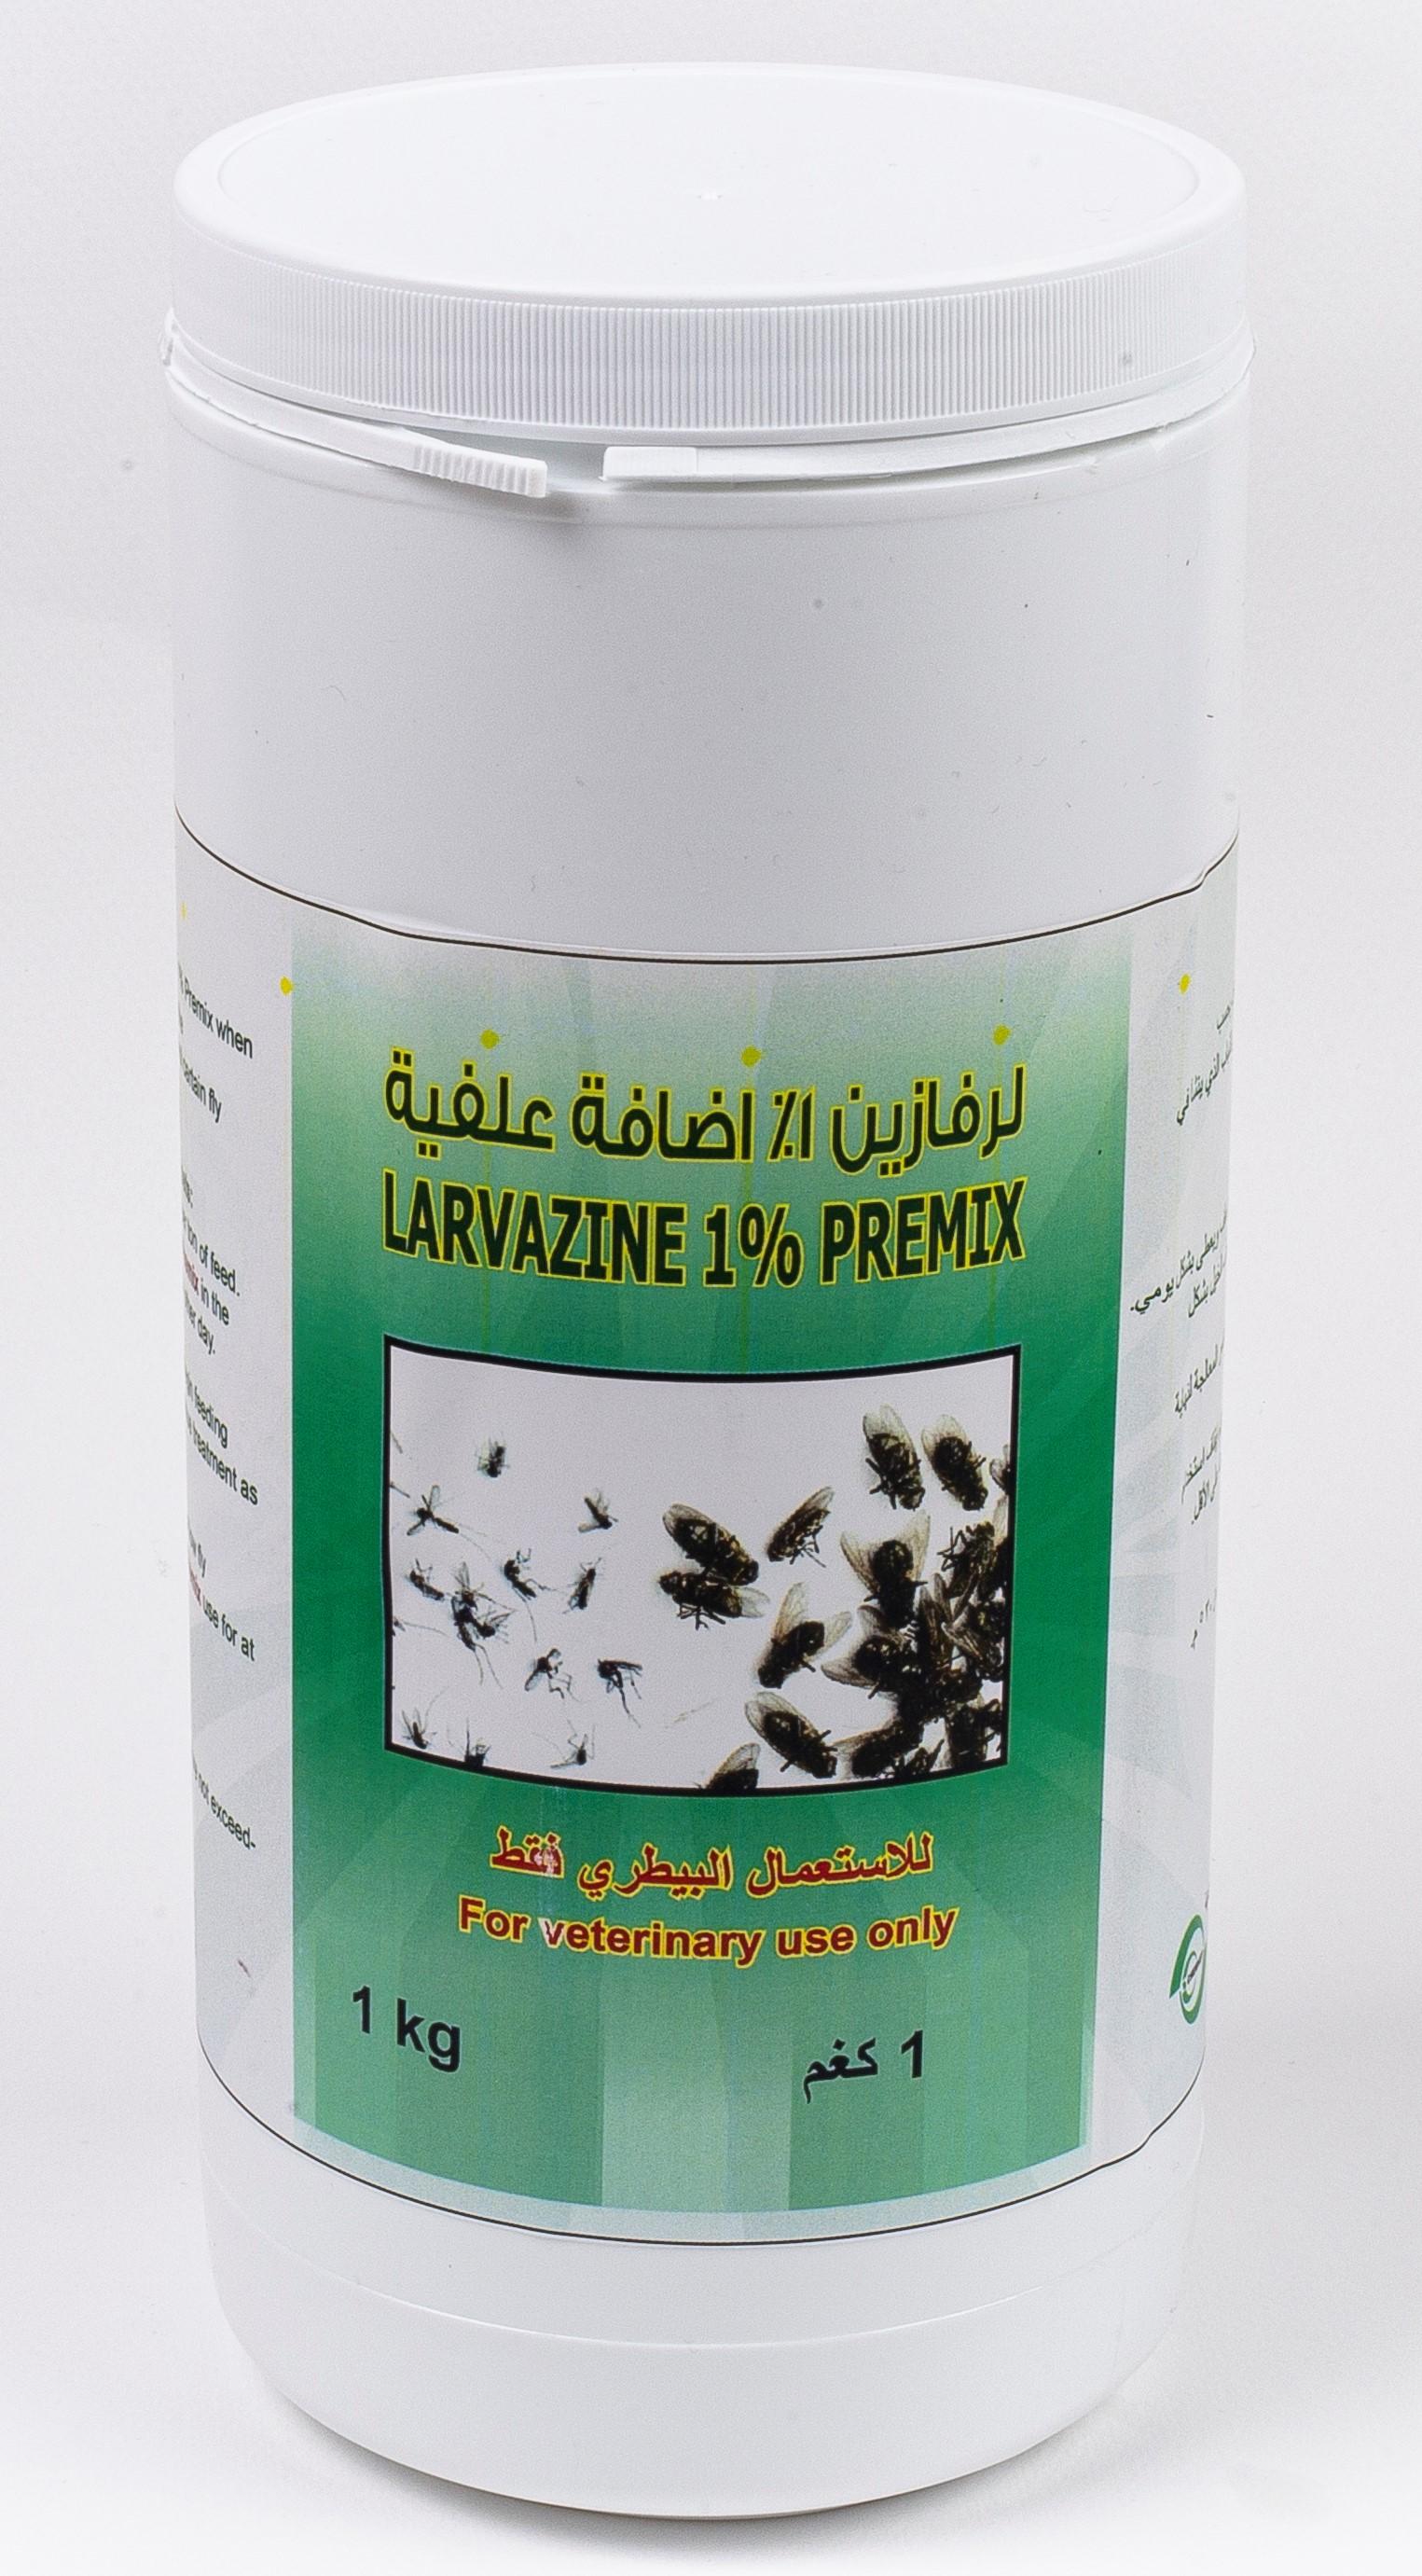 LARVAZINE 1% PREMIX